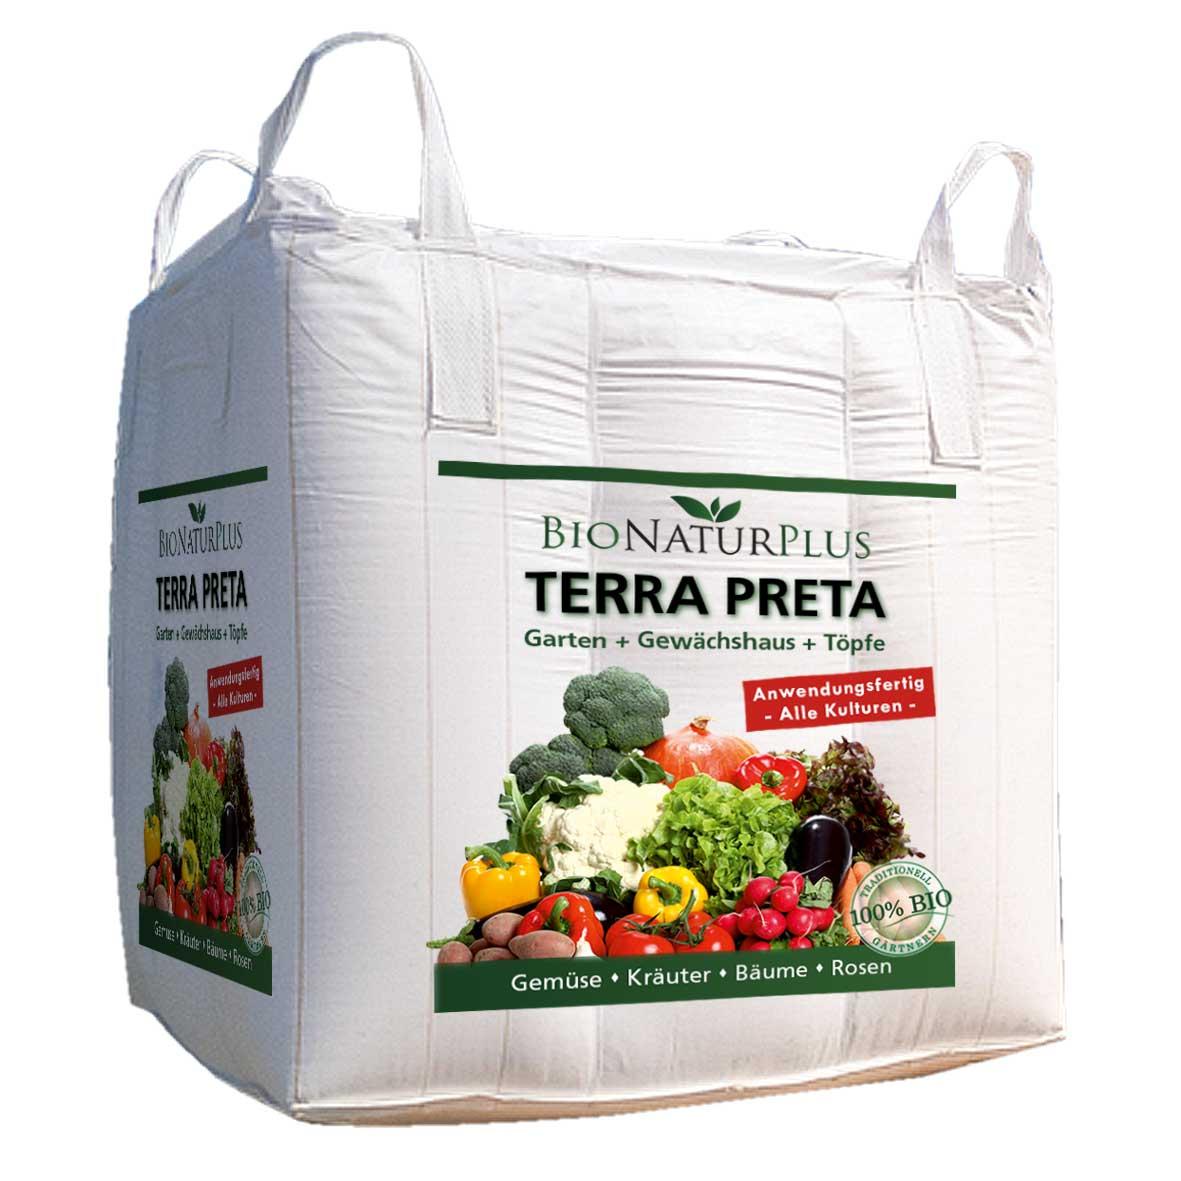 Terra Preta Kaufen : terra preta schwarzerde kaufen zum besten preis im ~ A.2002-acura-tl-radio.info Haus und Dekorationen